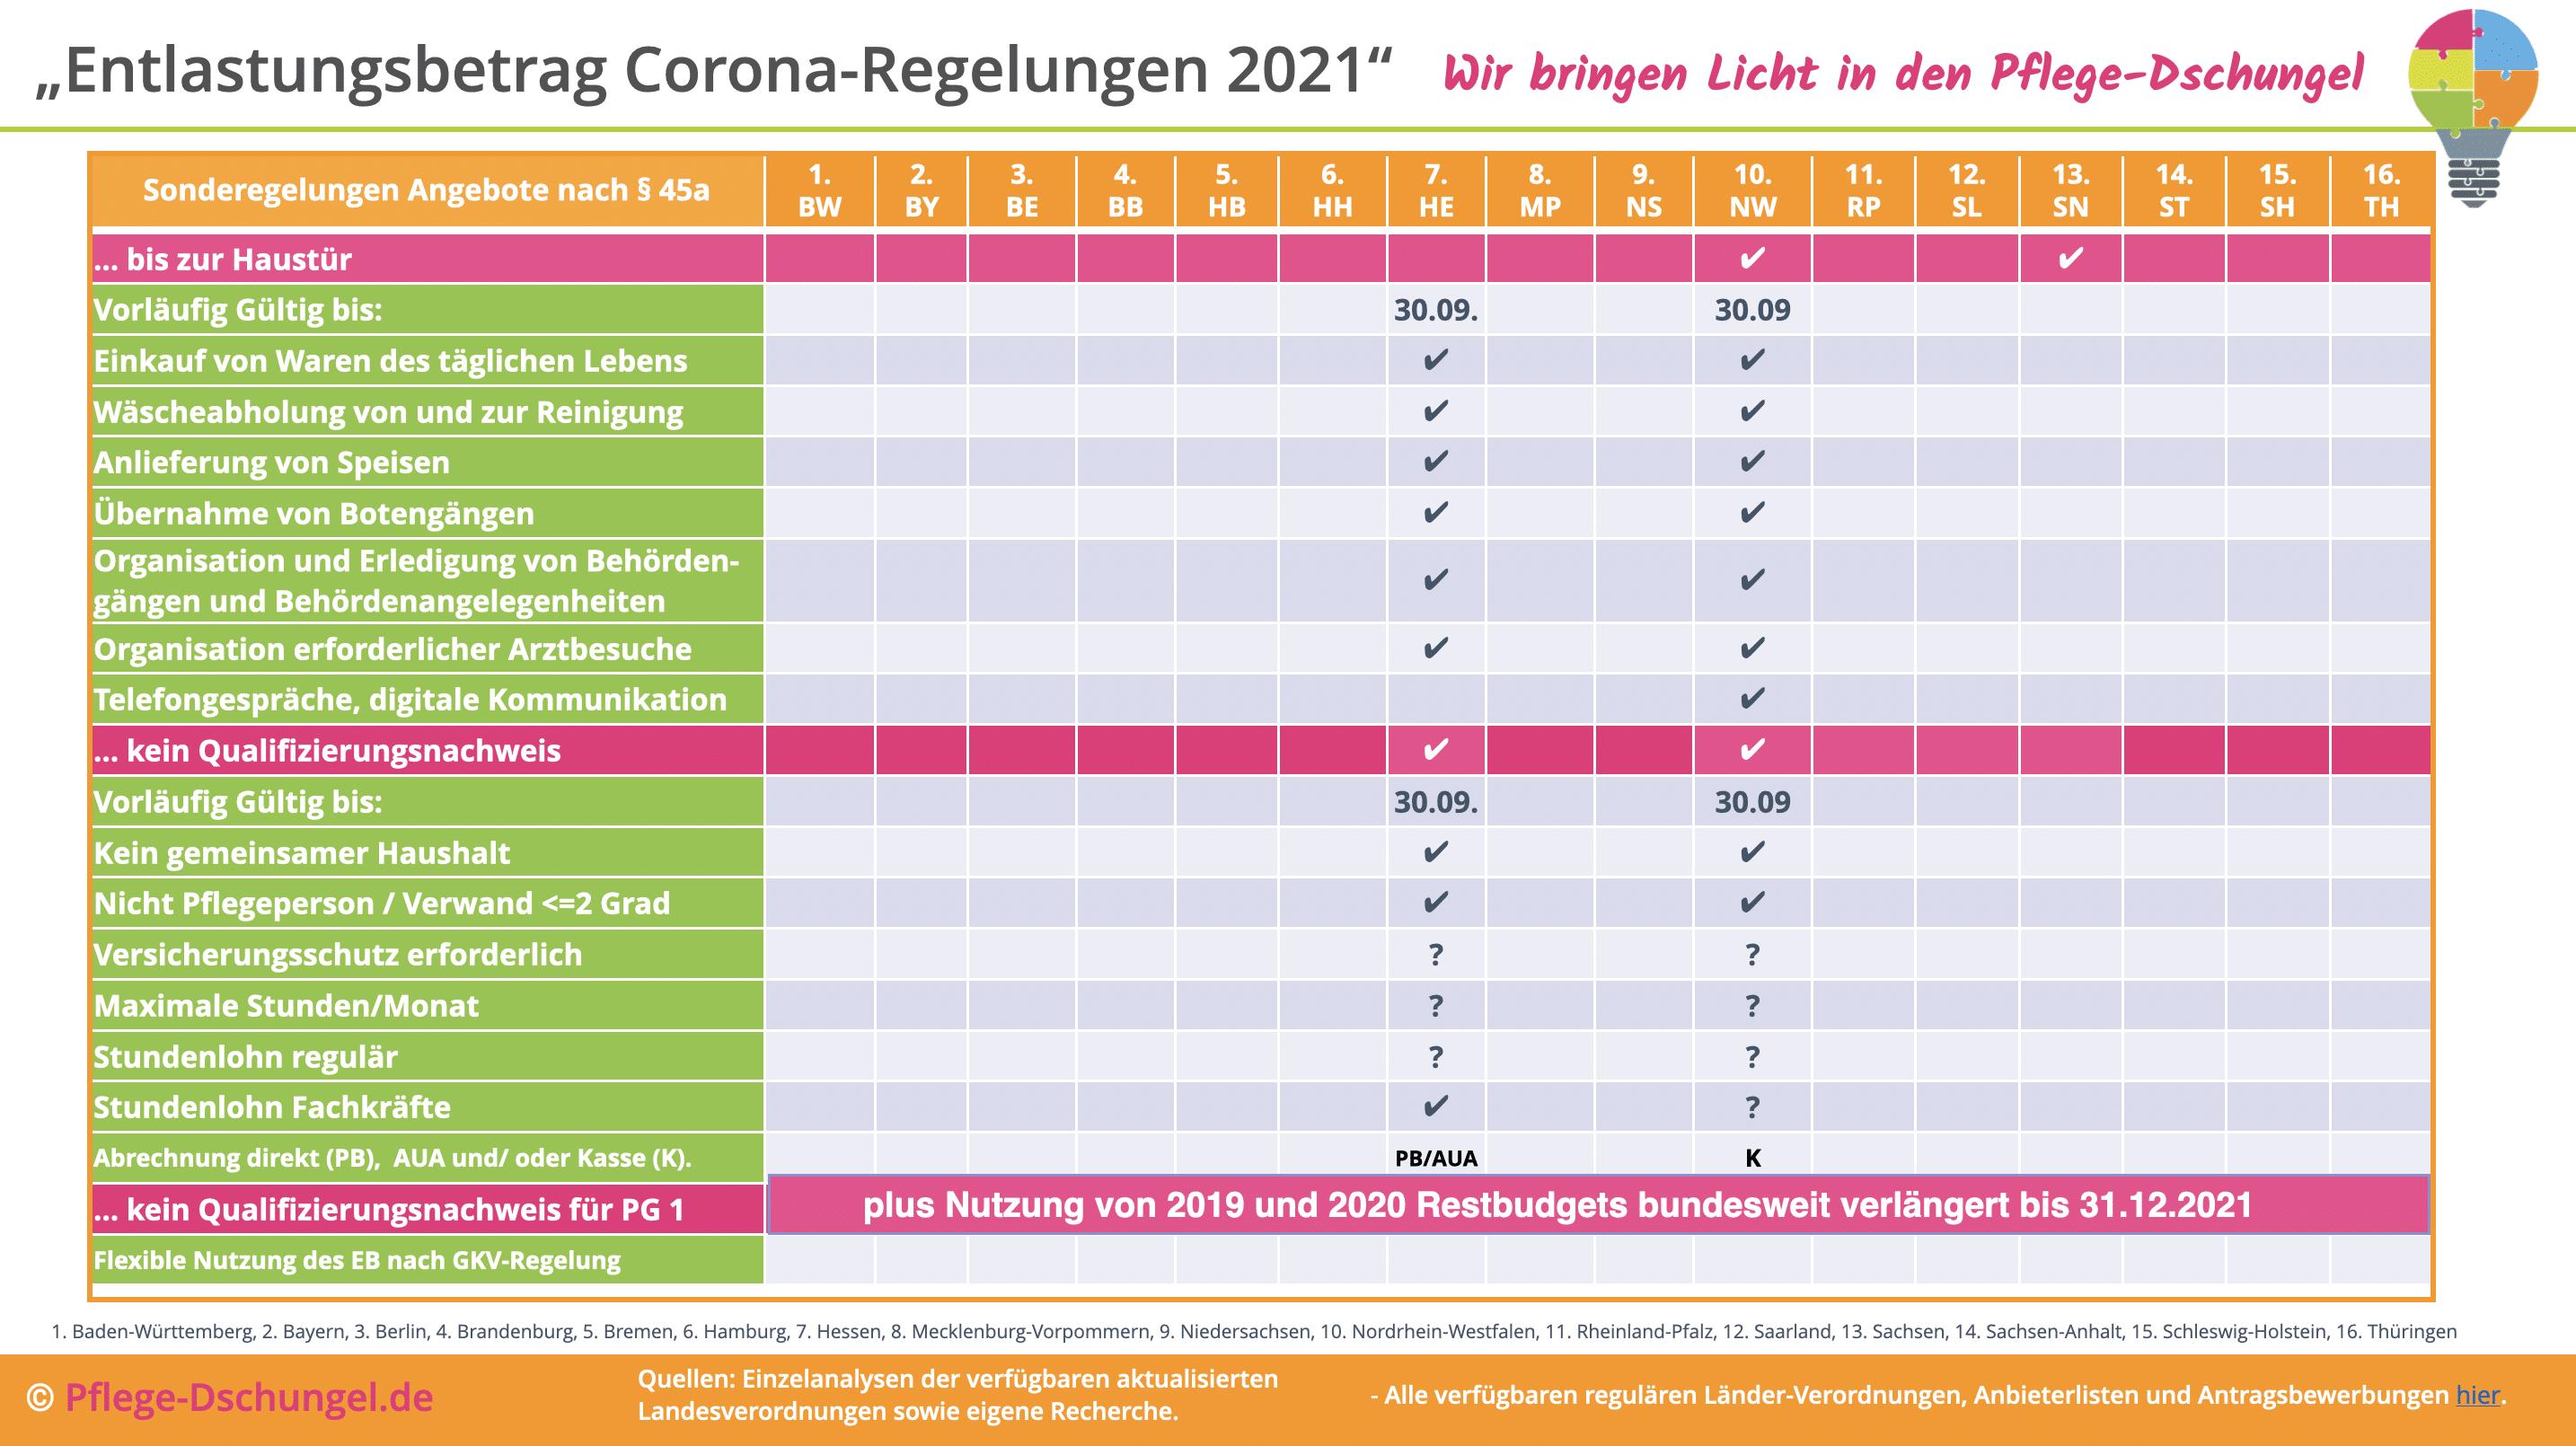 Entlastungsbetrag Sonderregelungen bis 31.12.2021